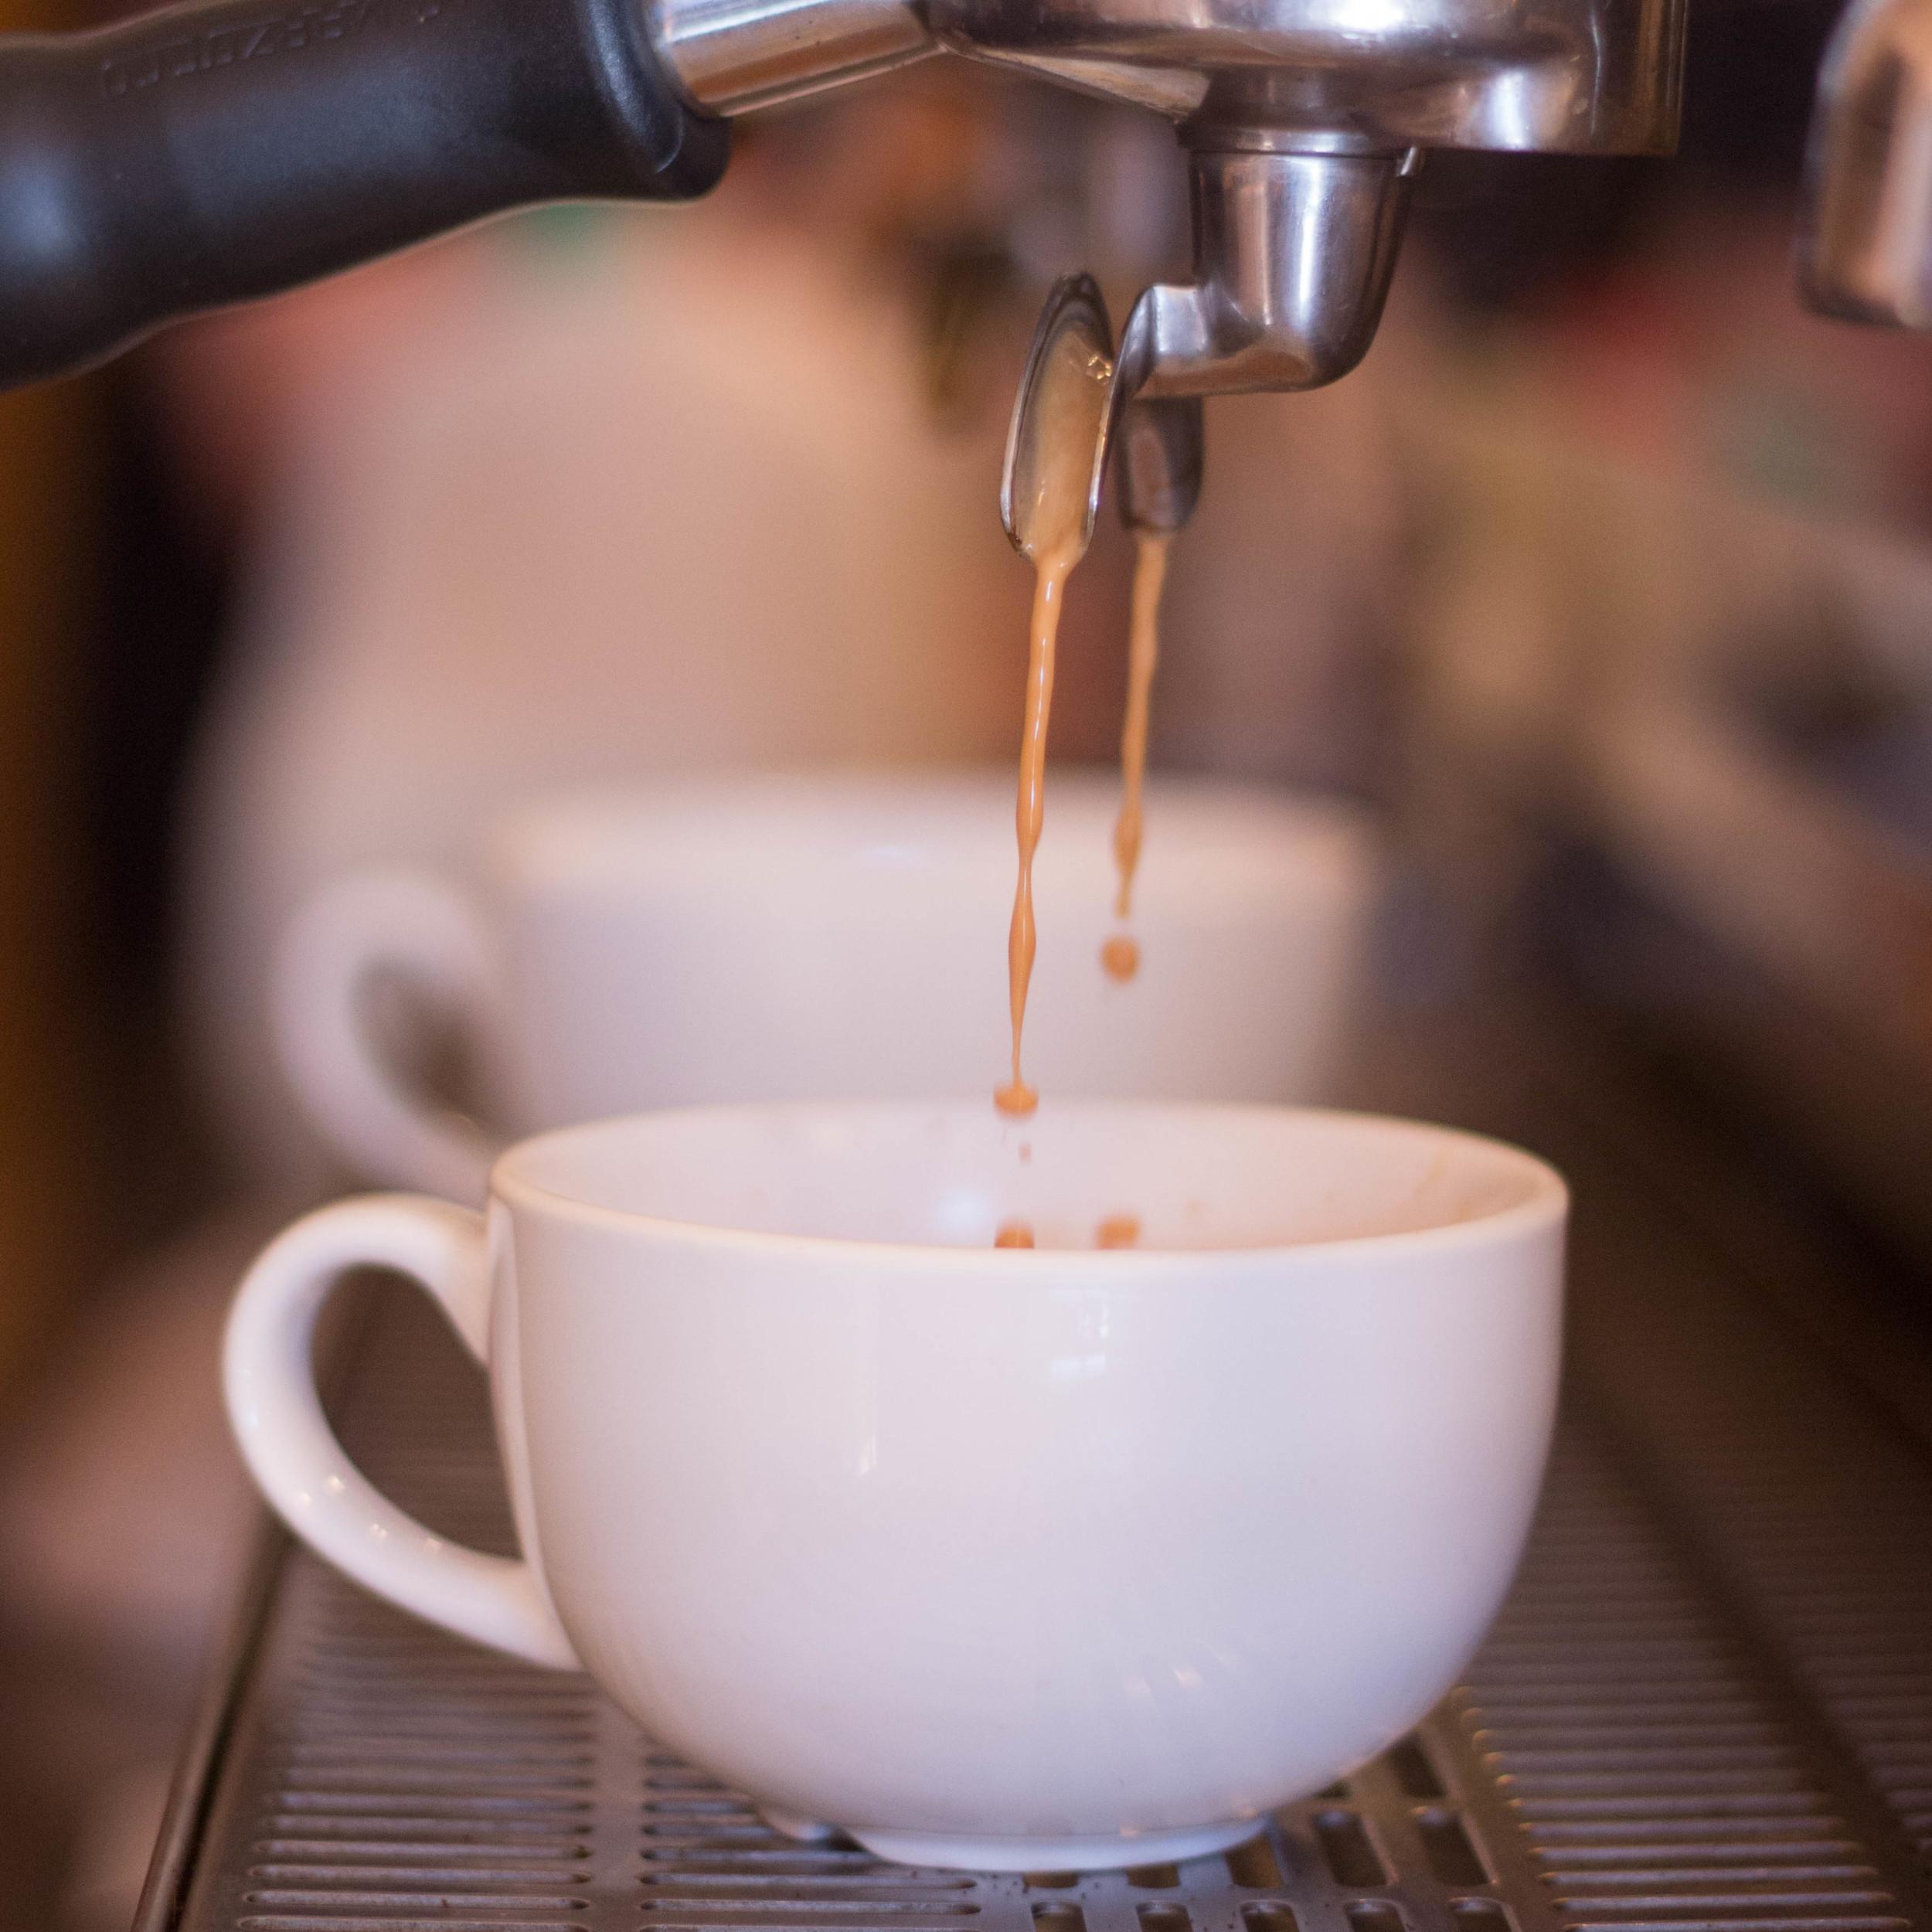 Espresso pour.jpg